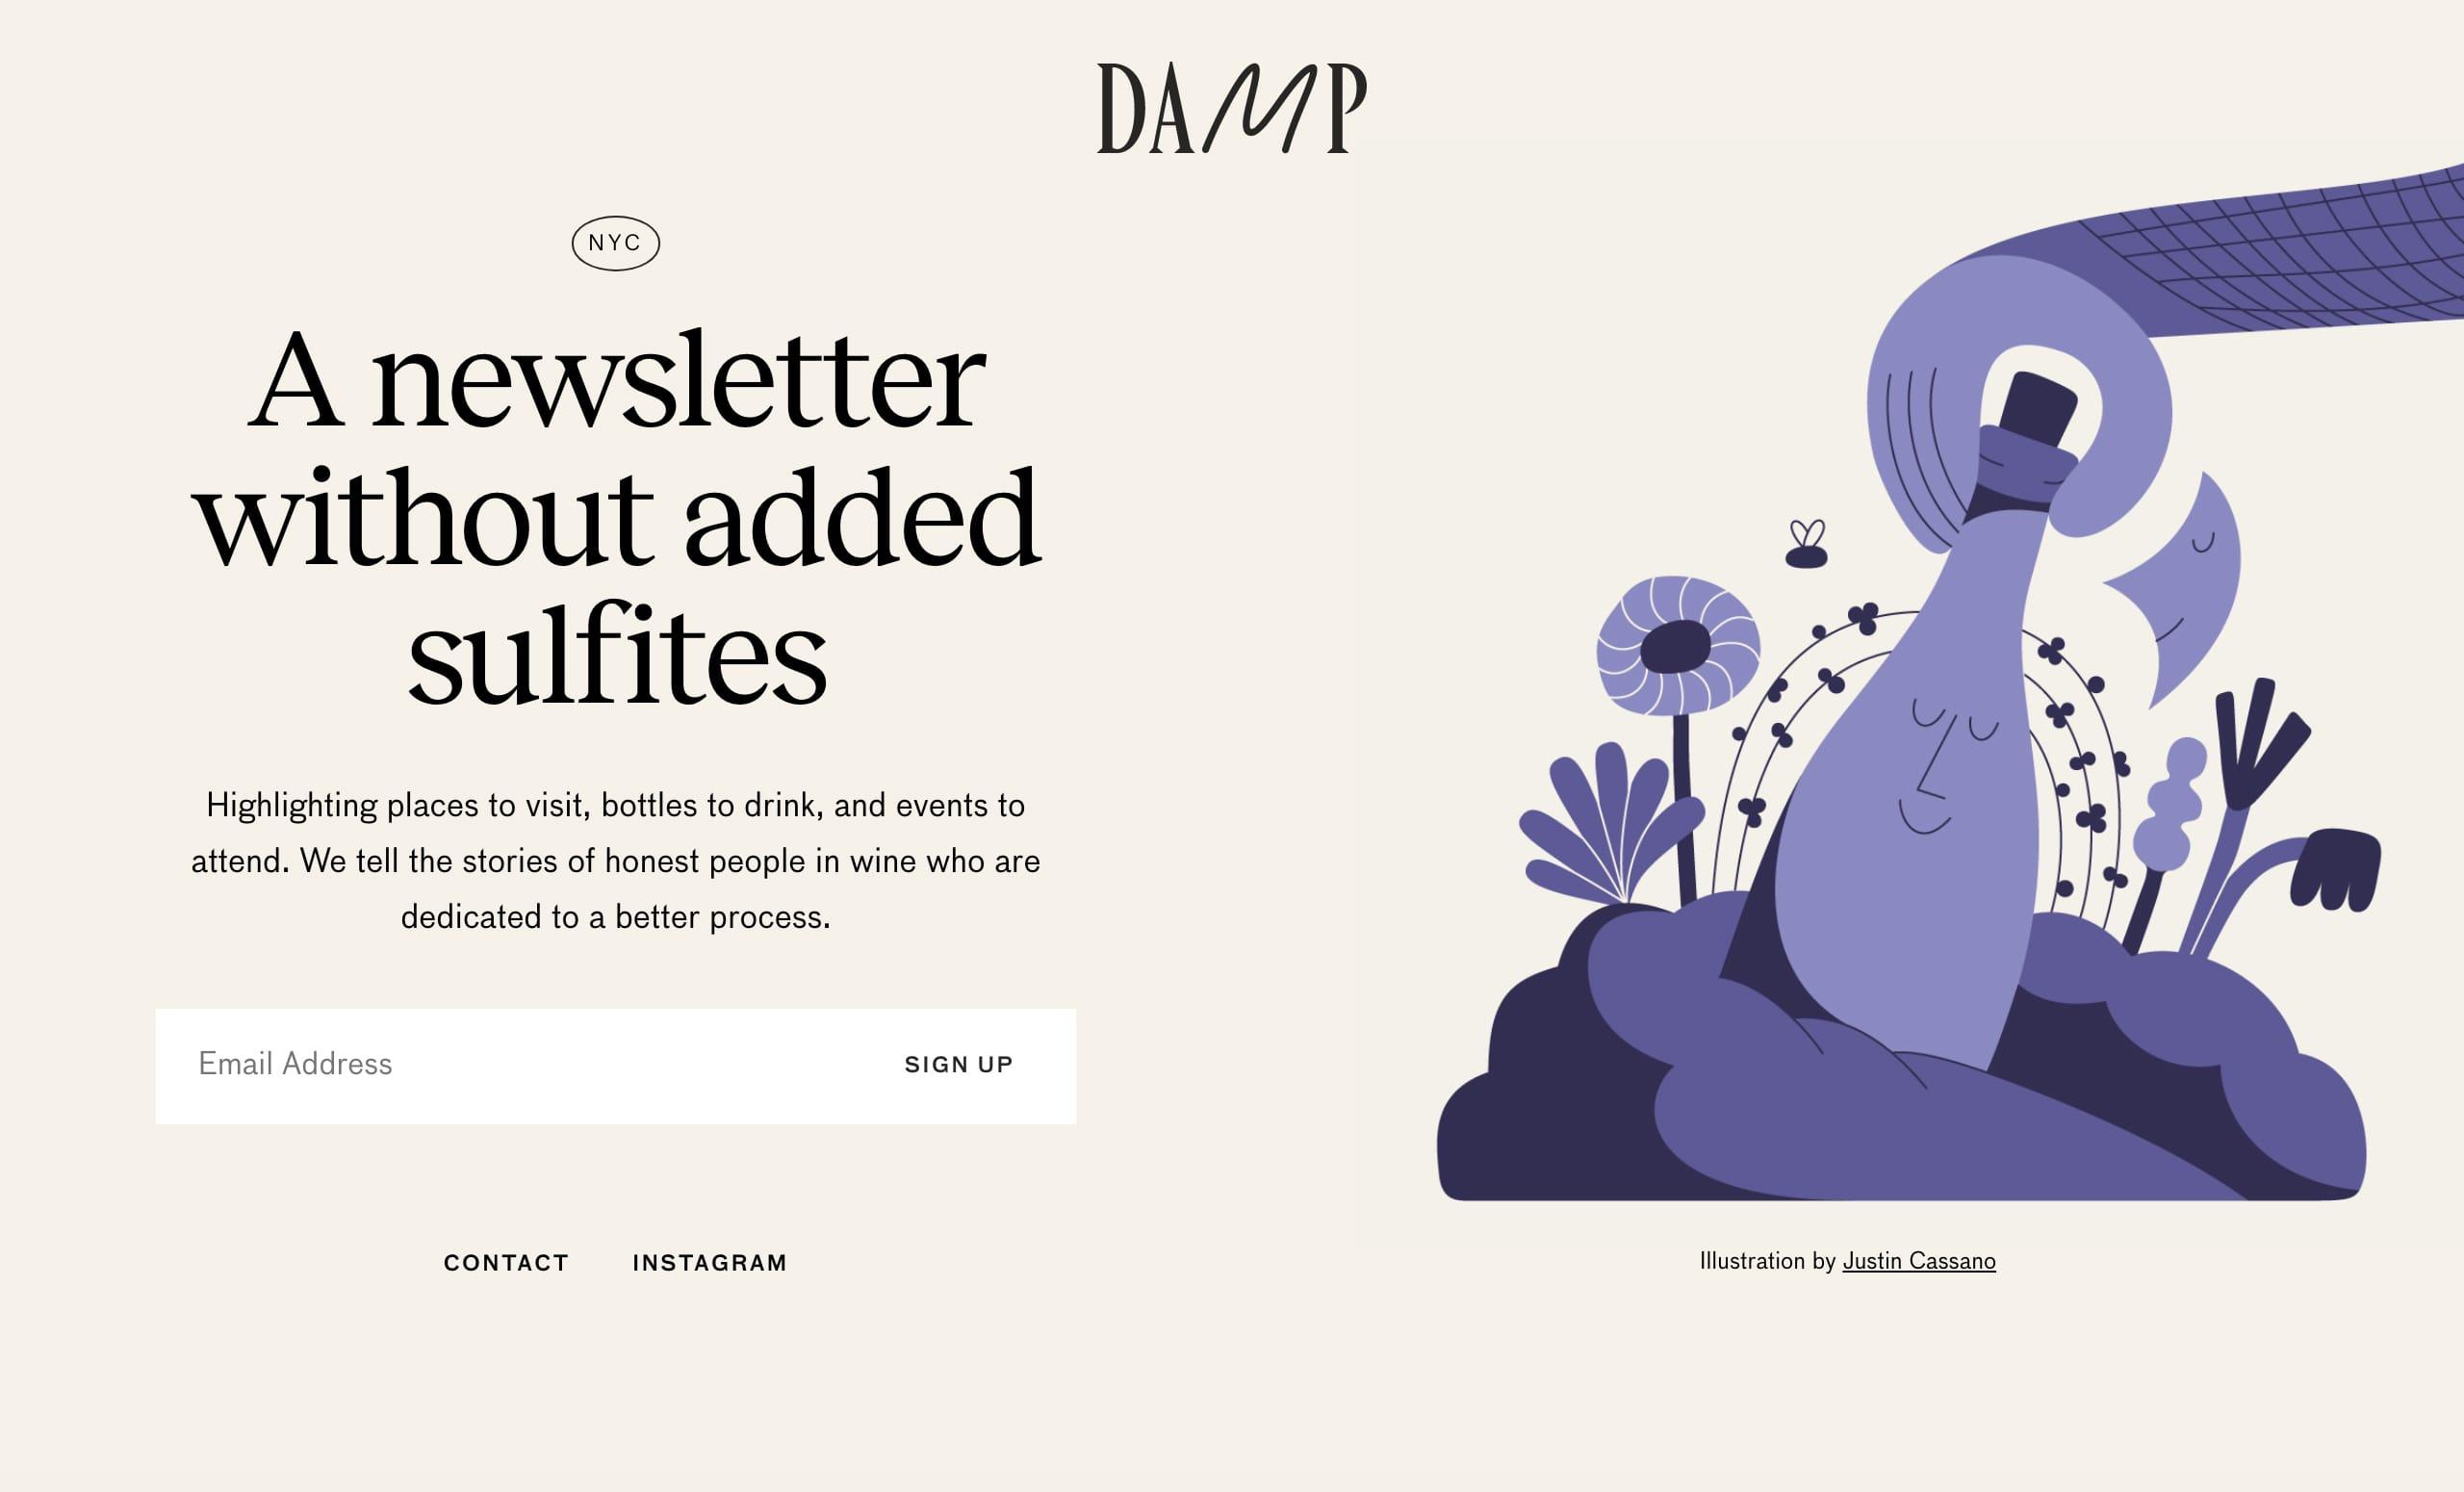 DAMP Website Screenshot